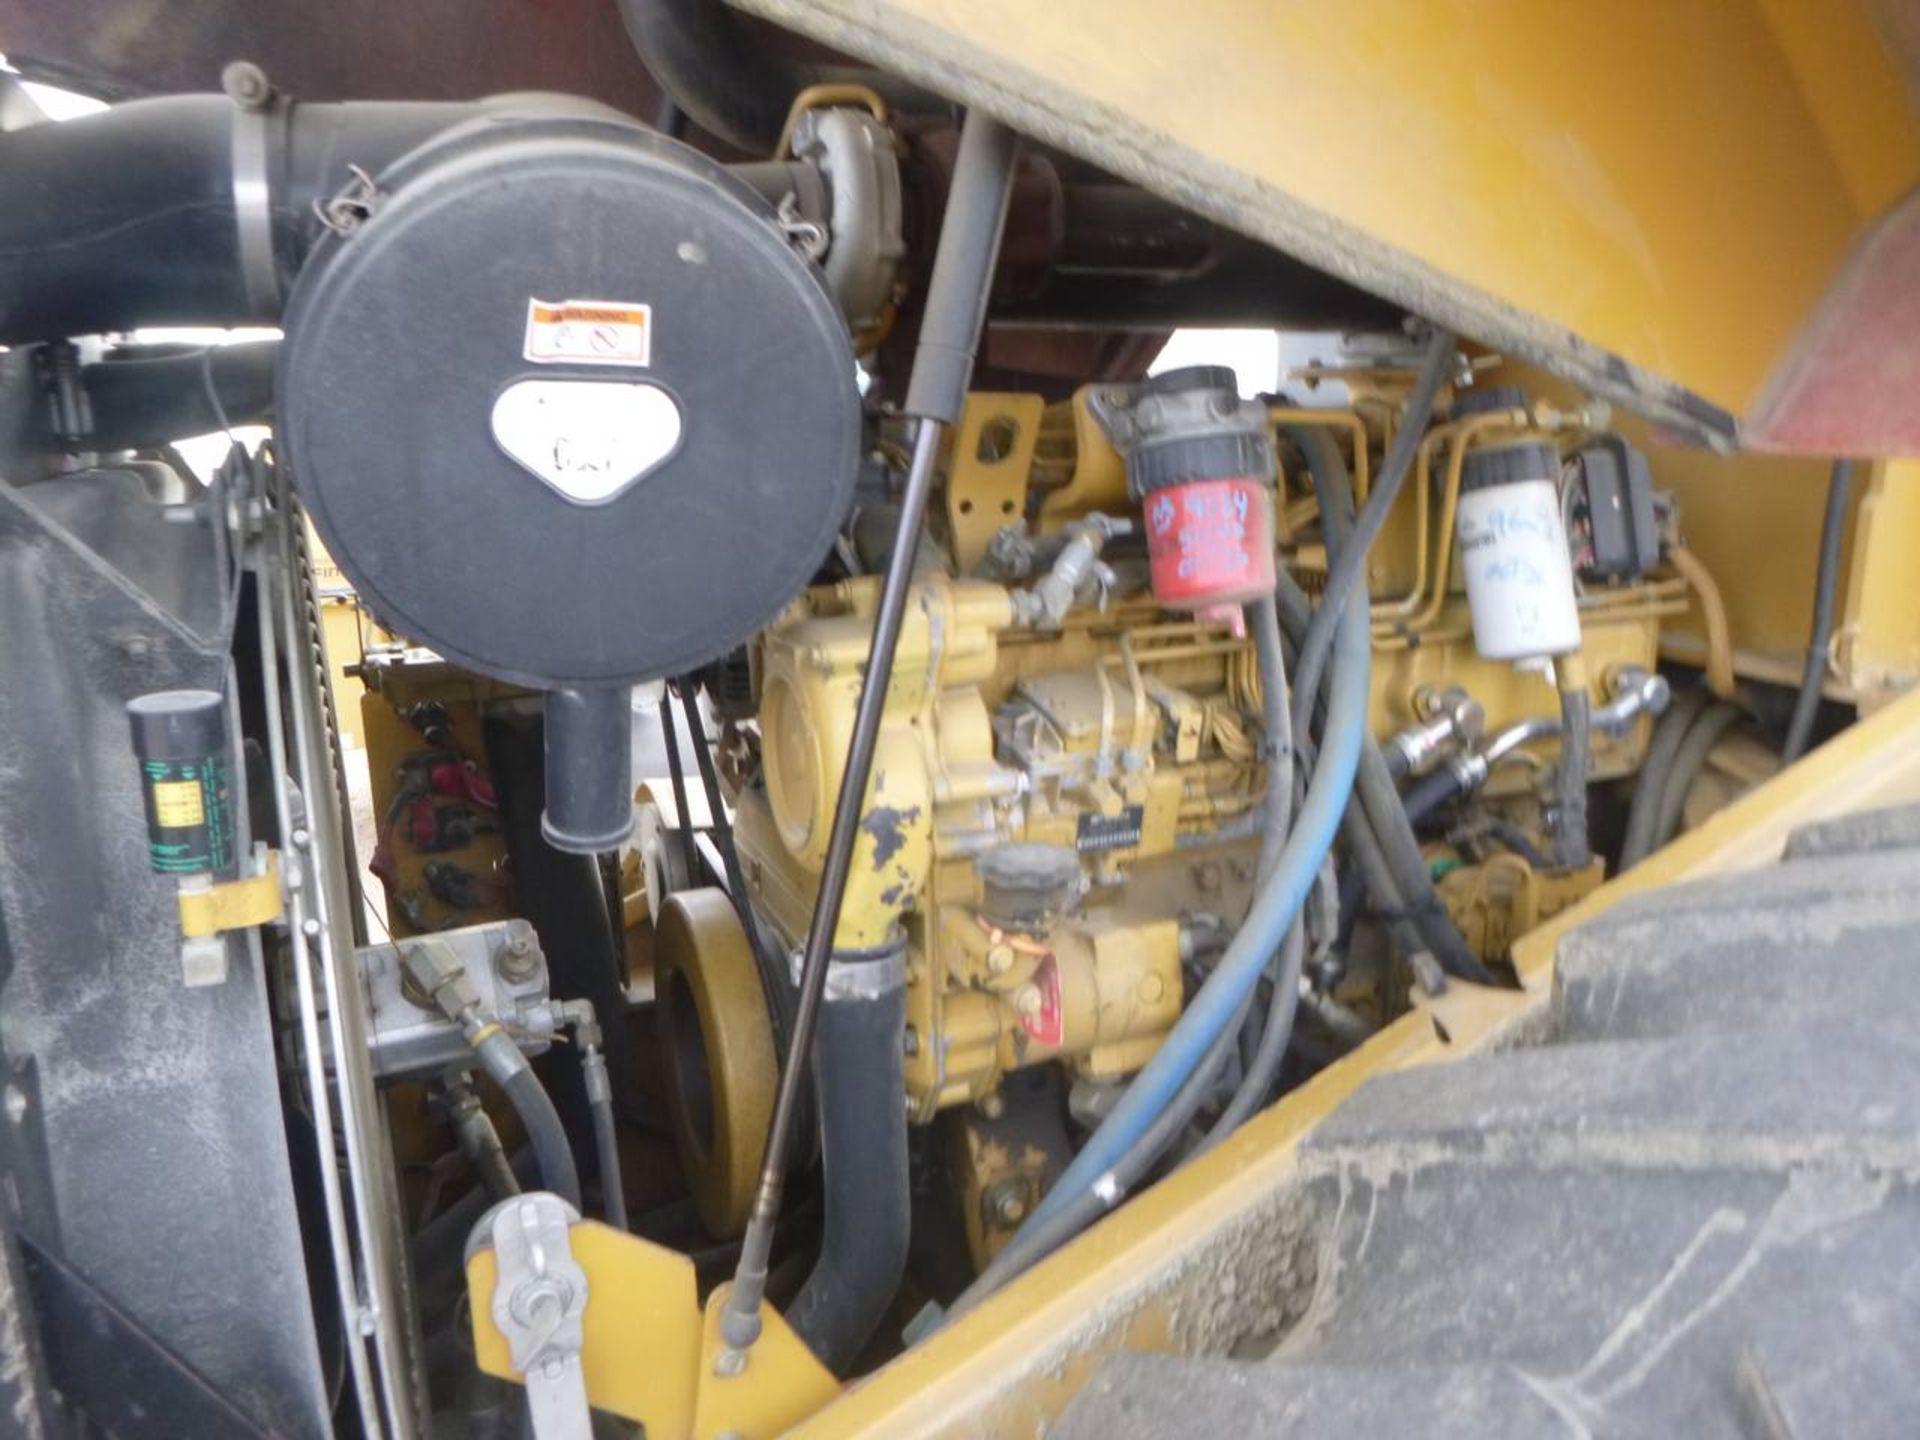 2006 Caterpillar CP-563E Compactor - Image 5 of 9